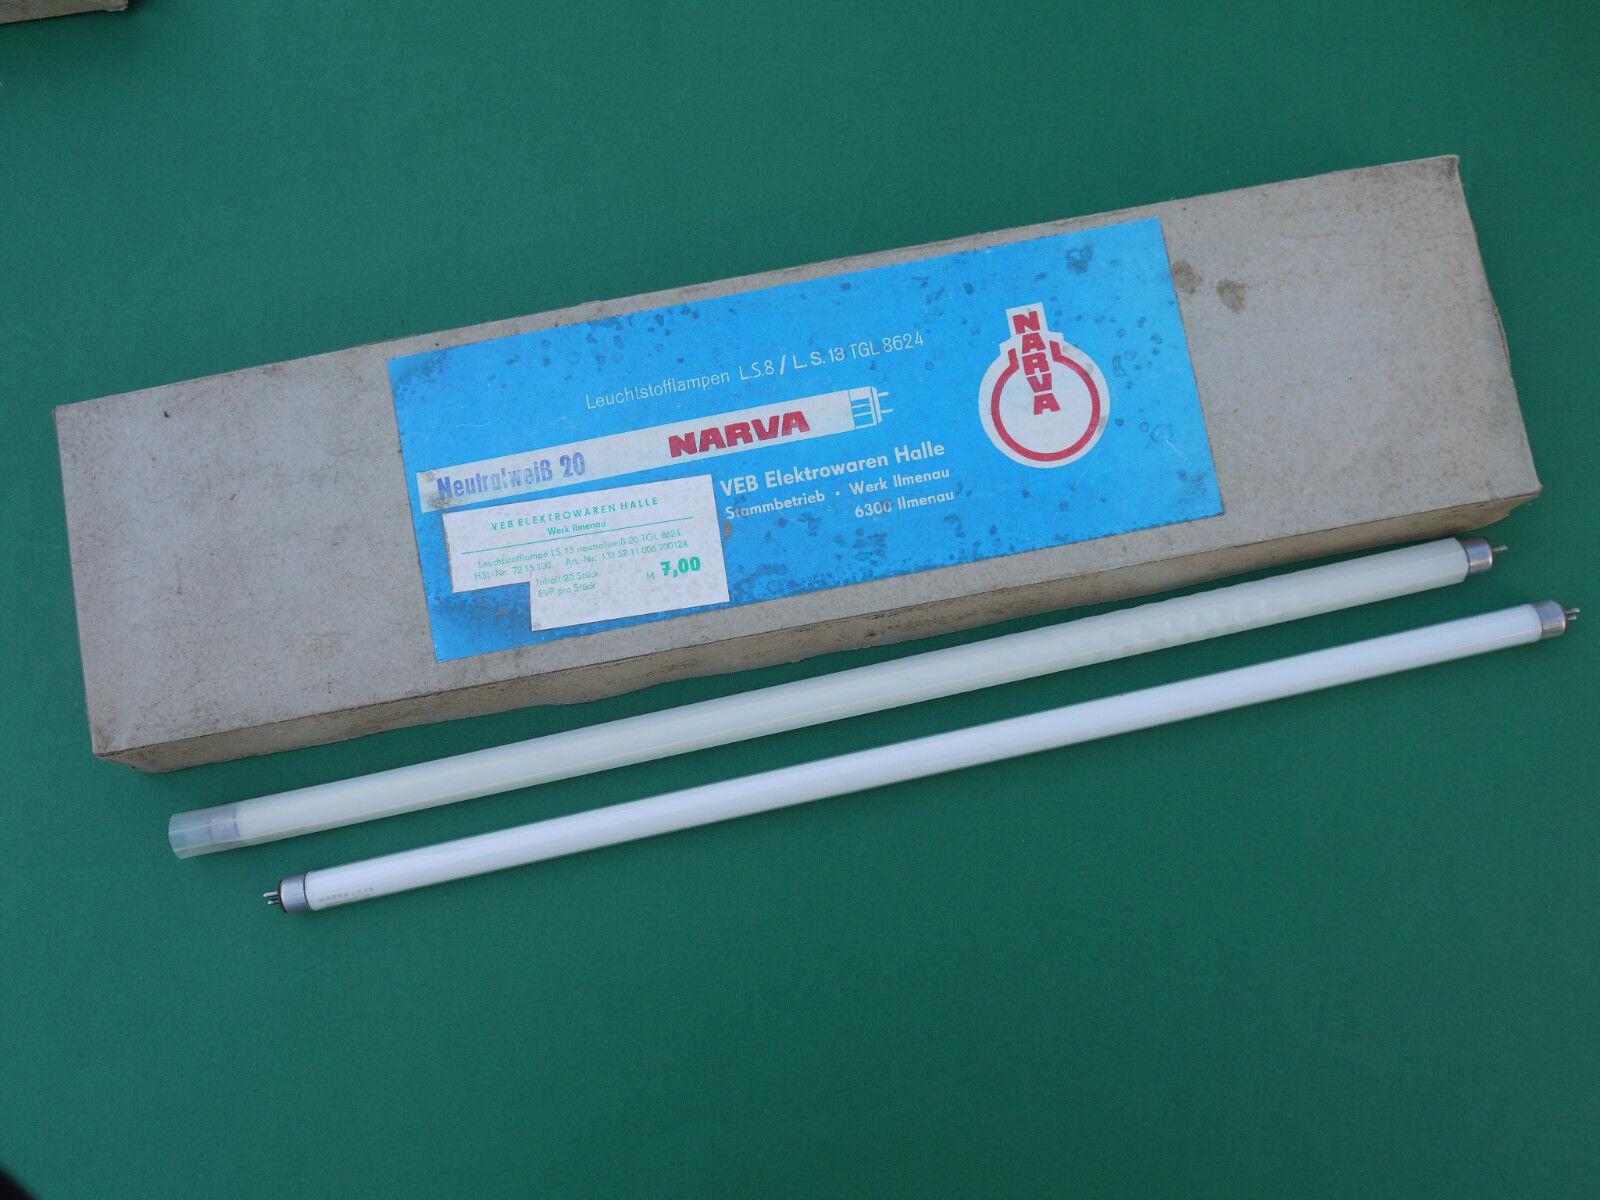 20x DDR Narva LS 13 neutralweiß Leuchtstoffröhre Leuchtstofflampe Neonröhre weiß